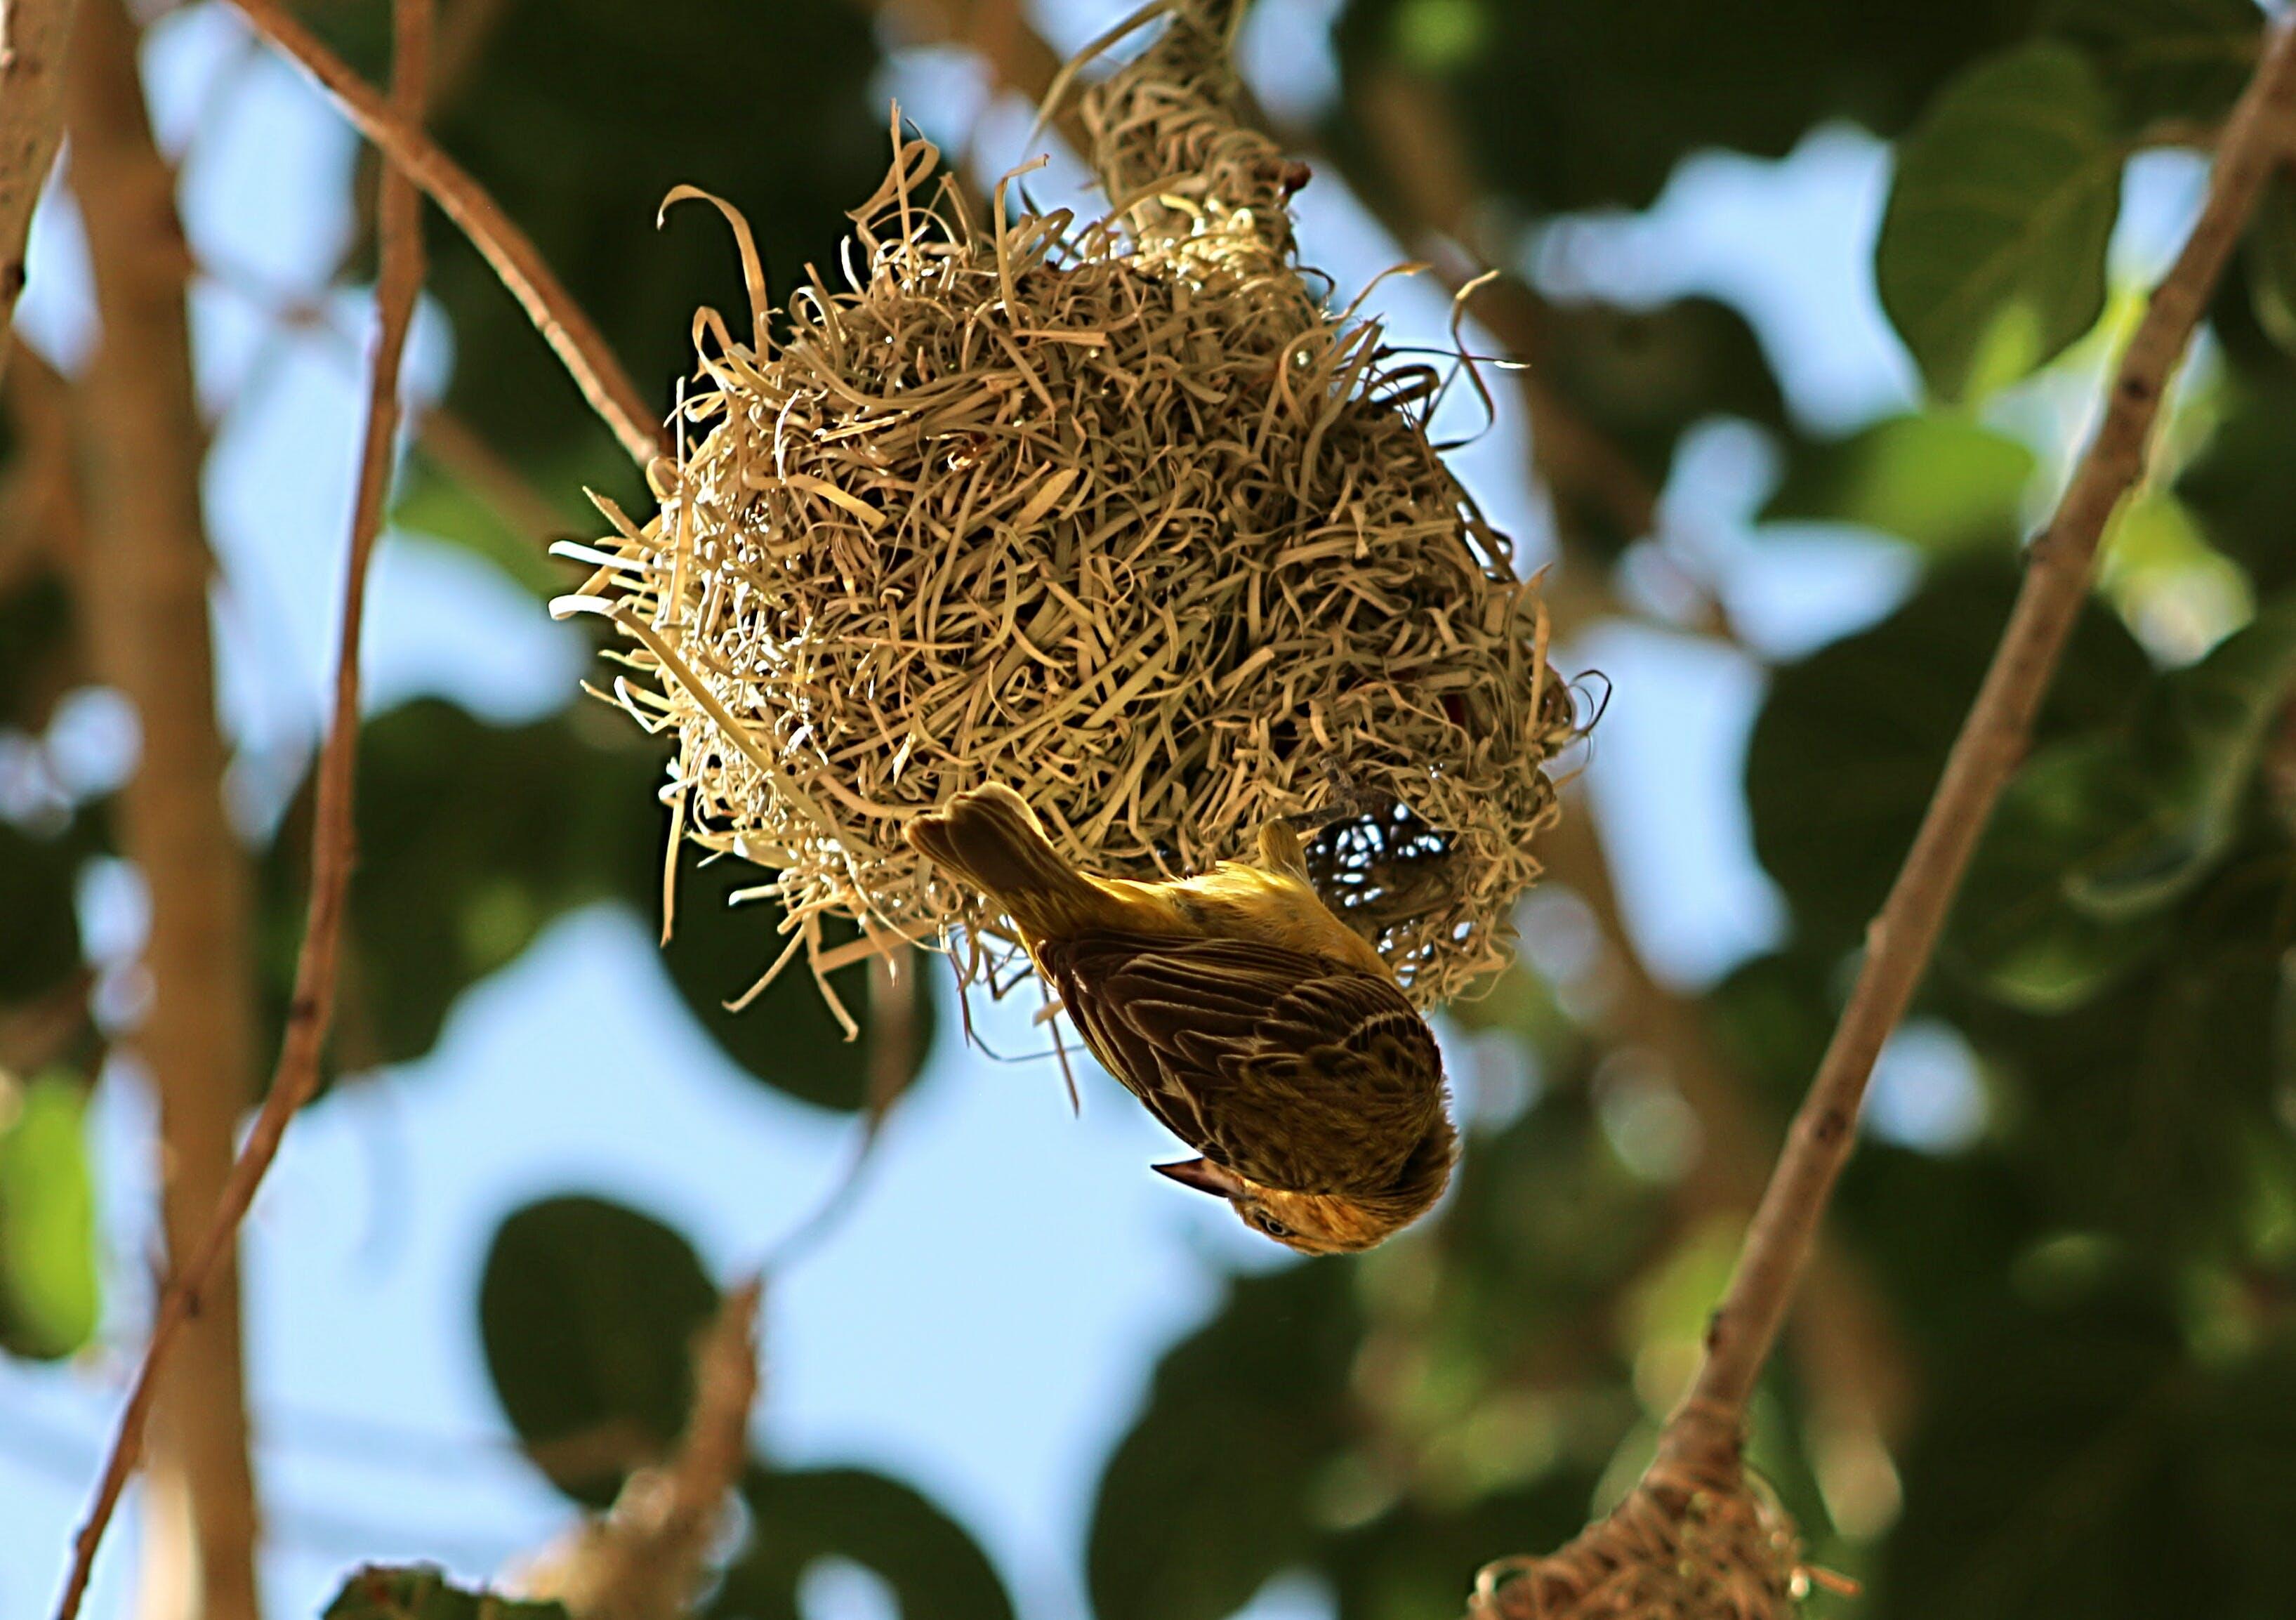 Fotos de stock gratuitas de árbol, colgando, color, crecimiento